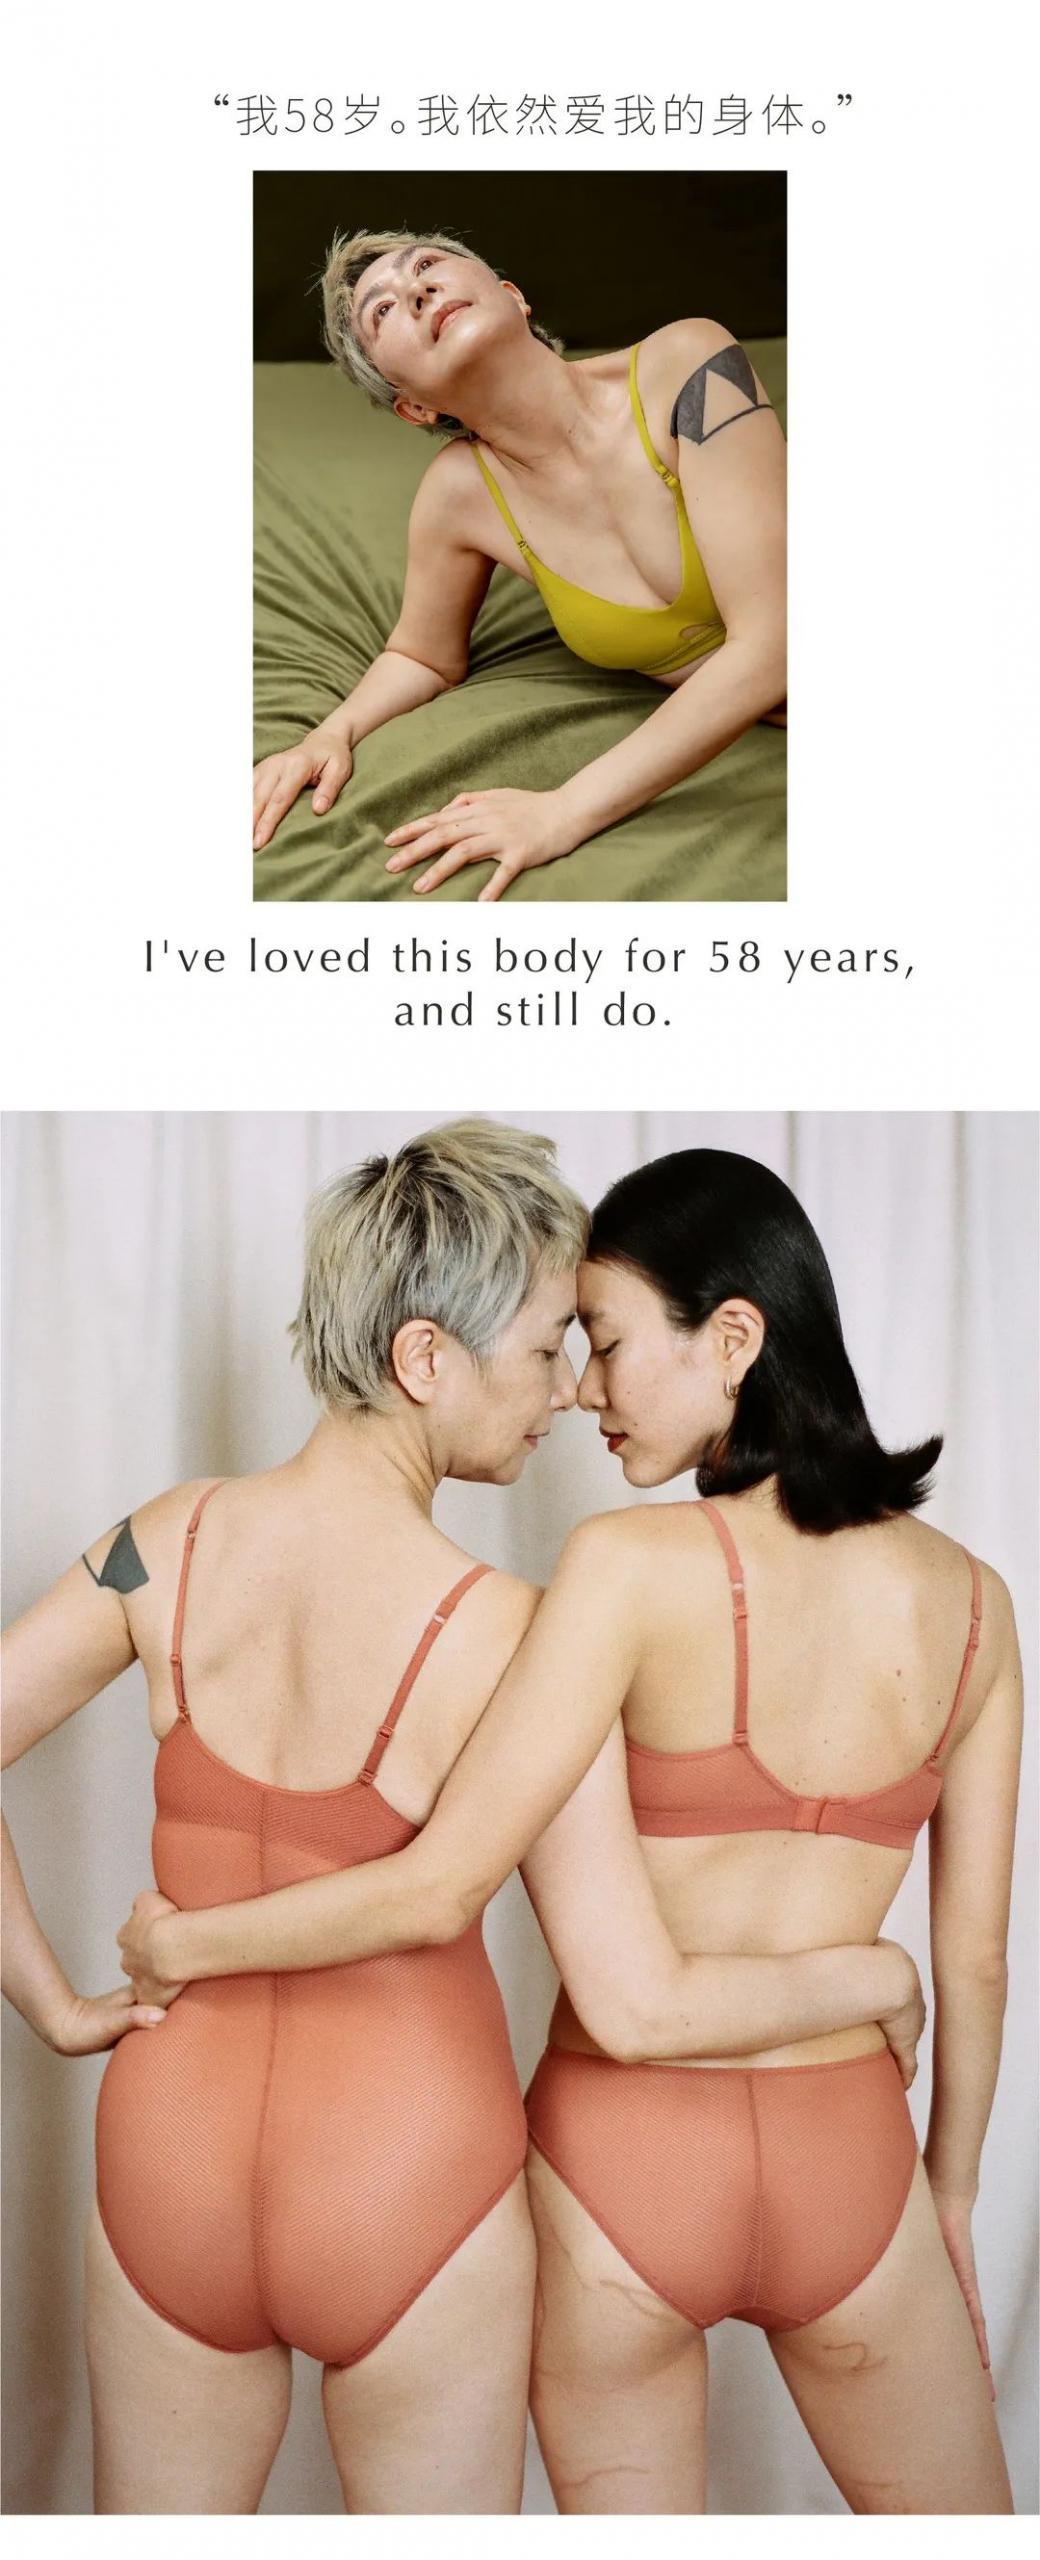 内外:我的身体我说了算,致真实而多元的身材插图4